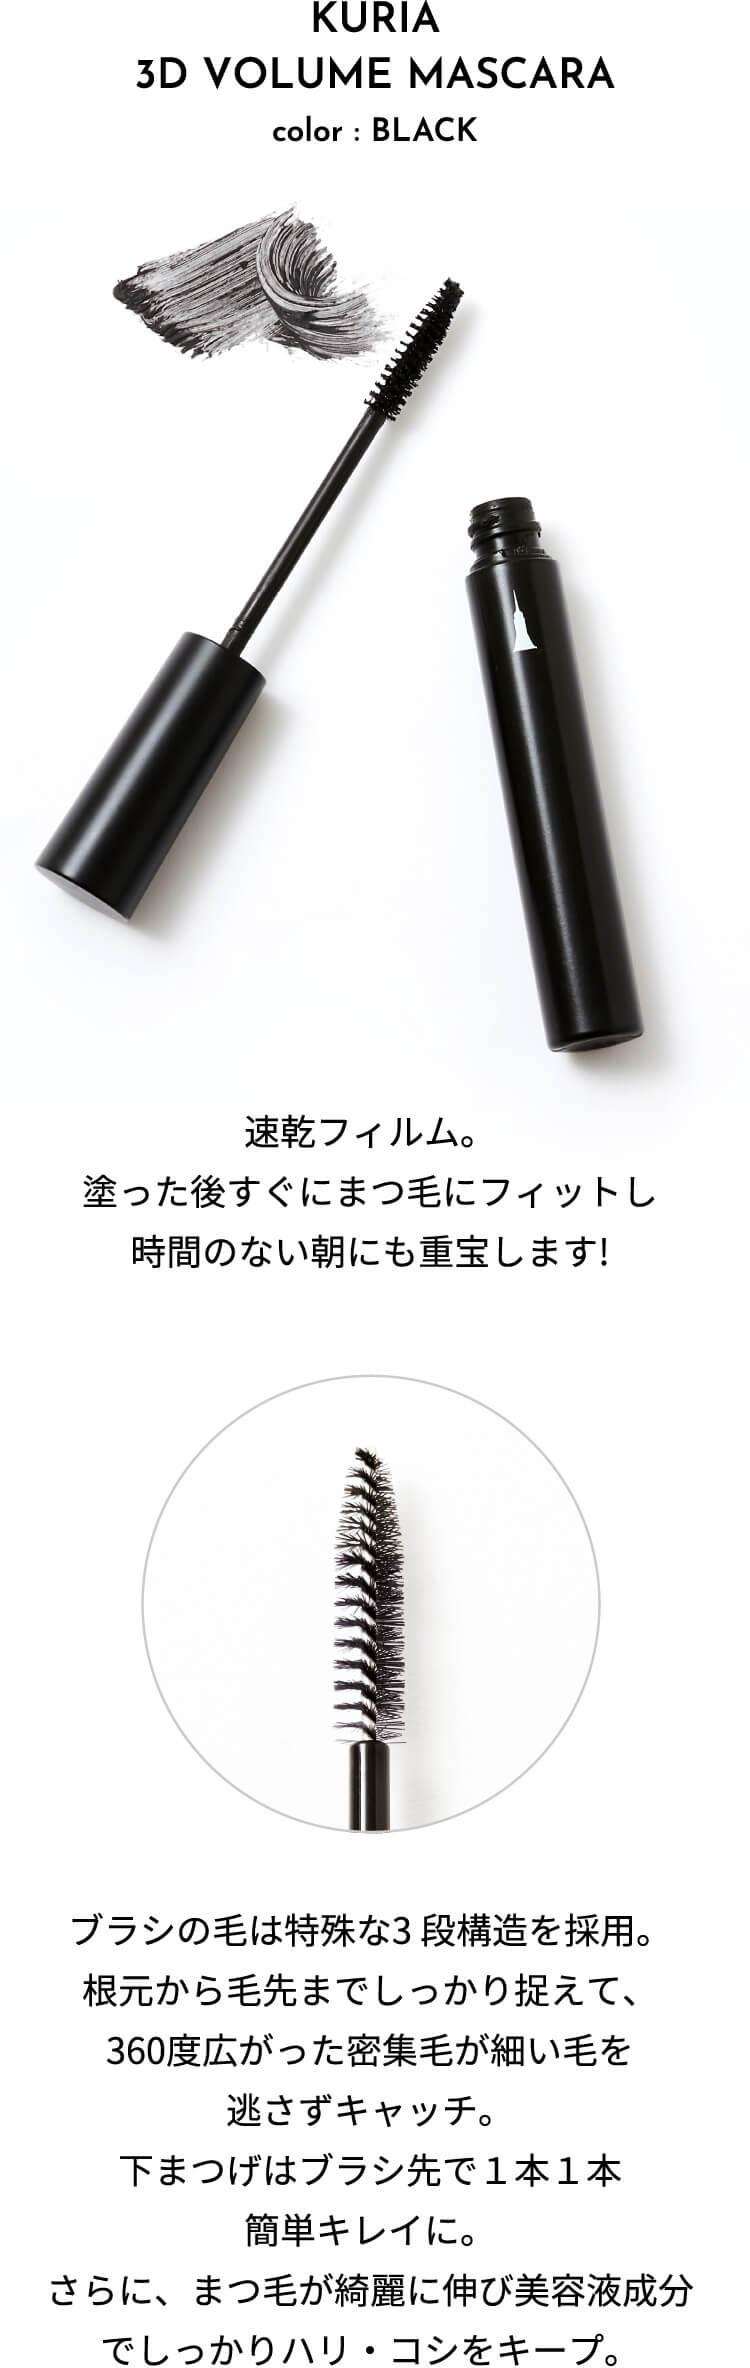 速乾フィルム。塗った後すぐにまつ毛にフィットし時間のない朝にも重宝します! ブラシの毛は特殊な3 段構造を採用。根元から毛先までしっかり捉えて、360度広がった密集毛が細い毛を逃さずキャッチ。下まつげはブラシ先で1本1本簡単キレイに。さらに、まつ毛が綺麗に伸び美容液成分でしっかりハリ・コシをキープ。